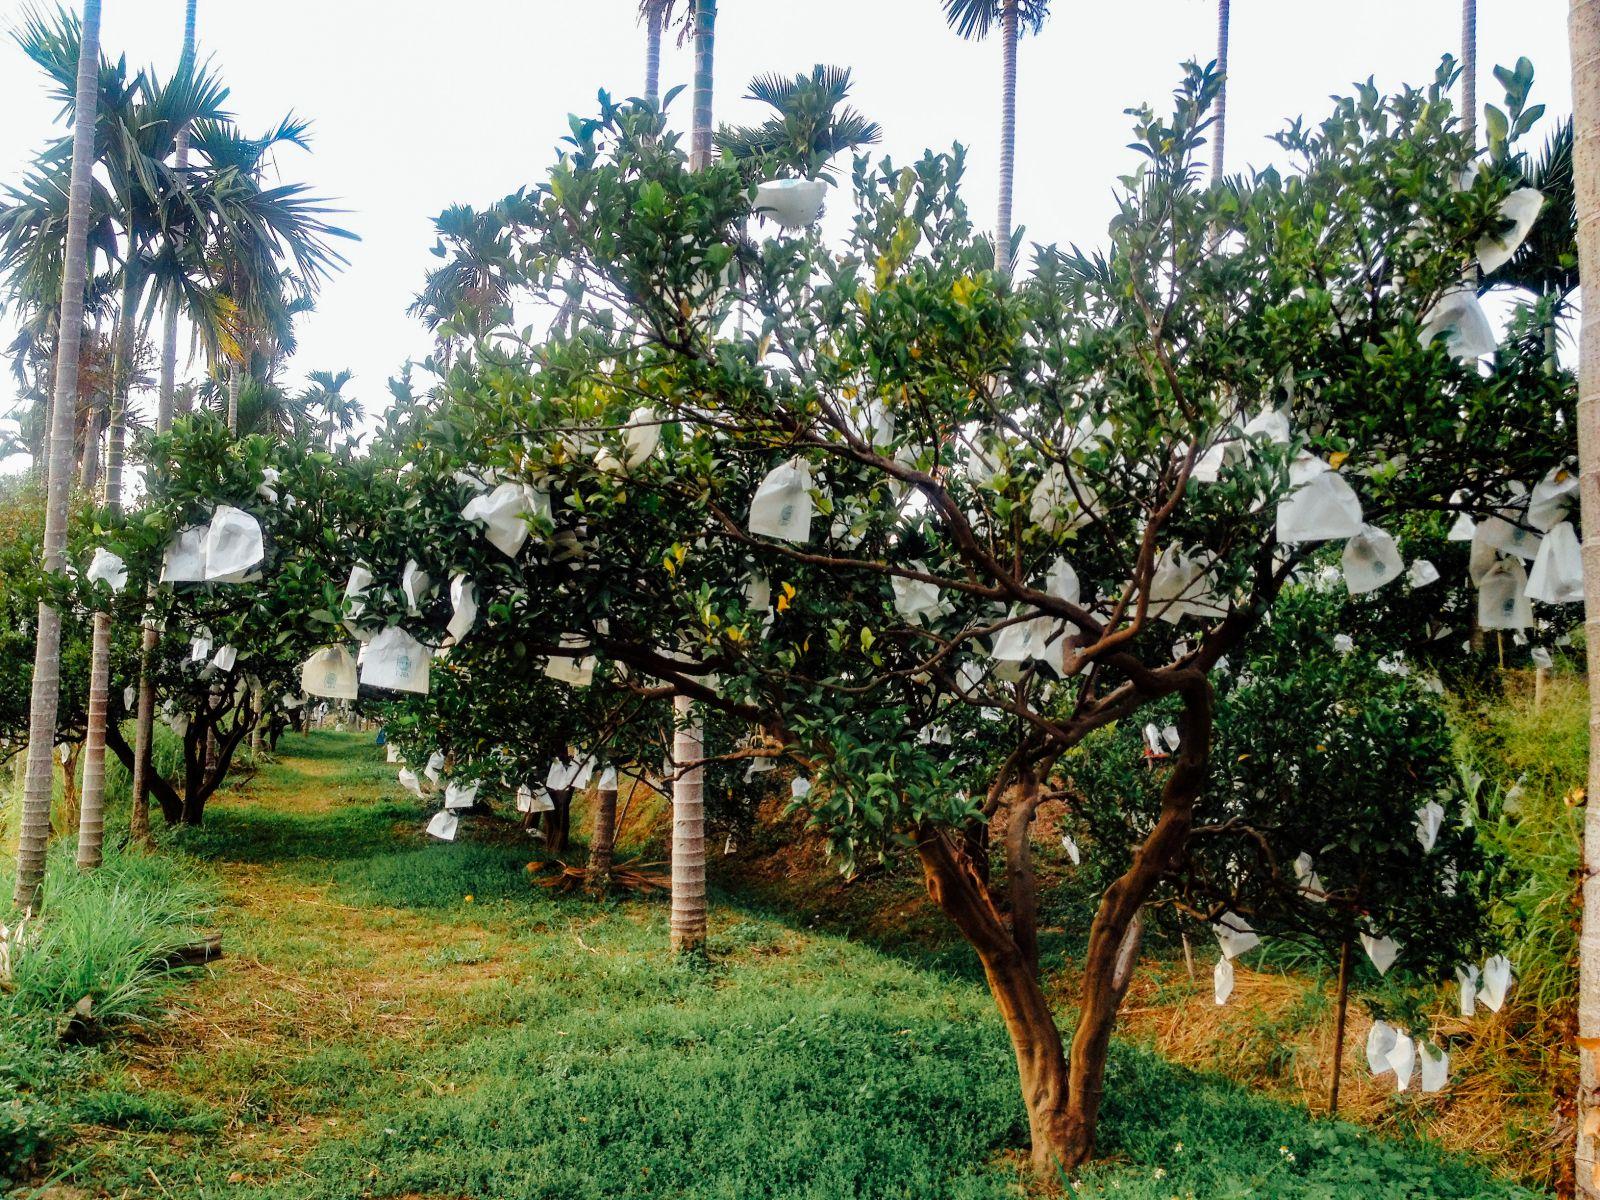 柑橘树上的白色纸袋中,幸福橘子们正在用力长大;树林的鸟儿,生长在无